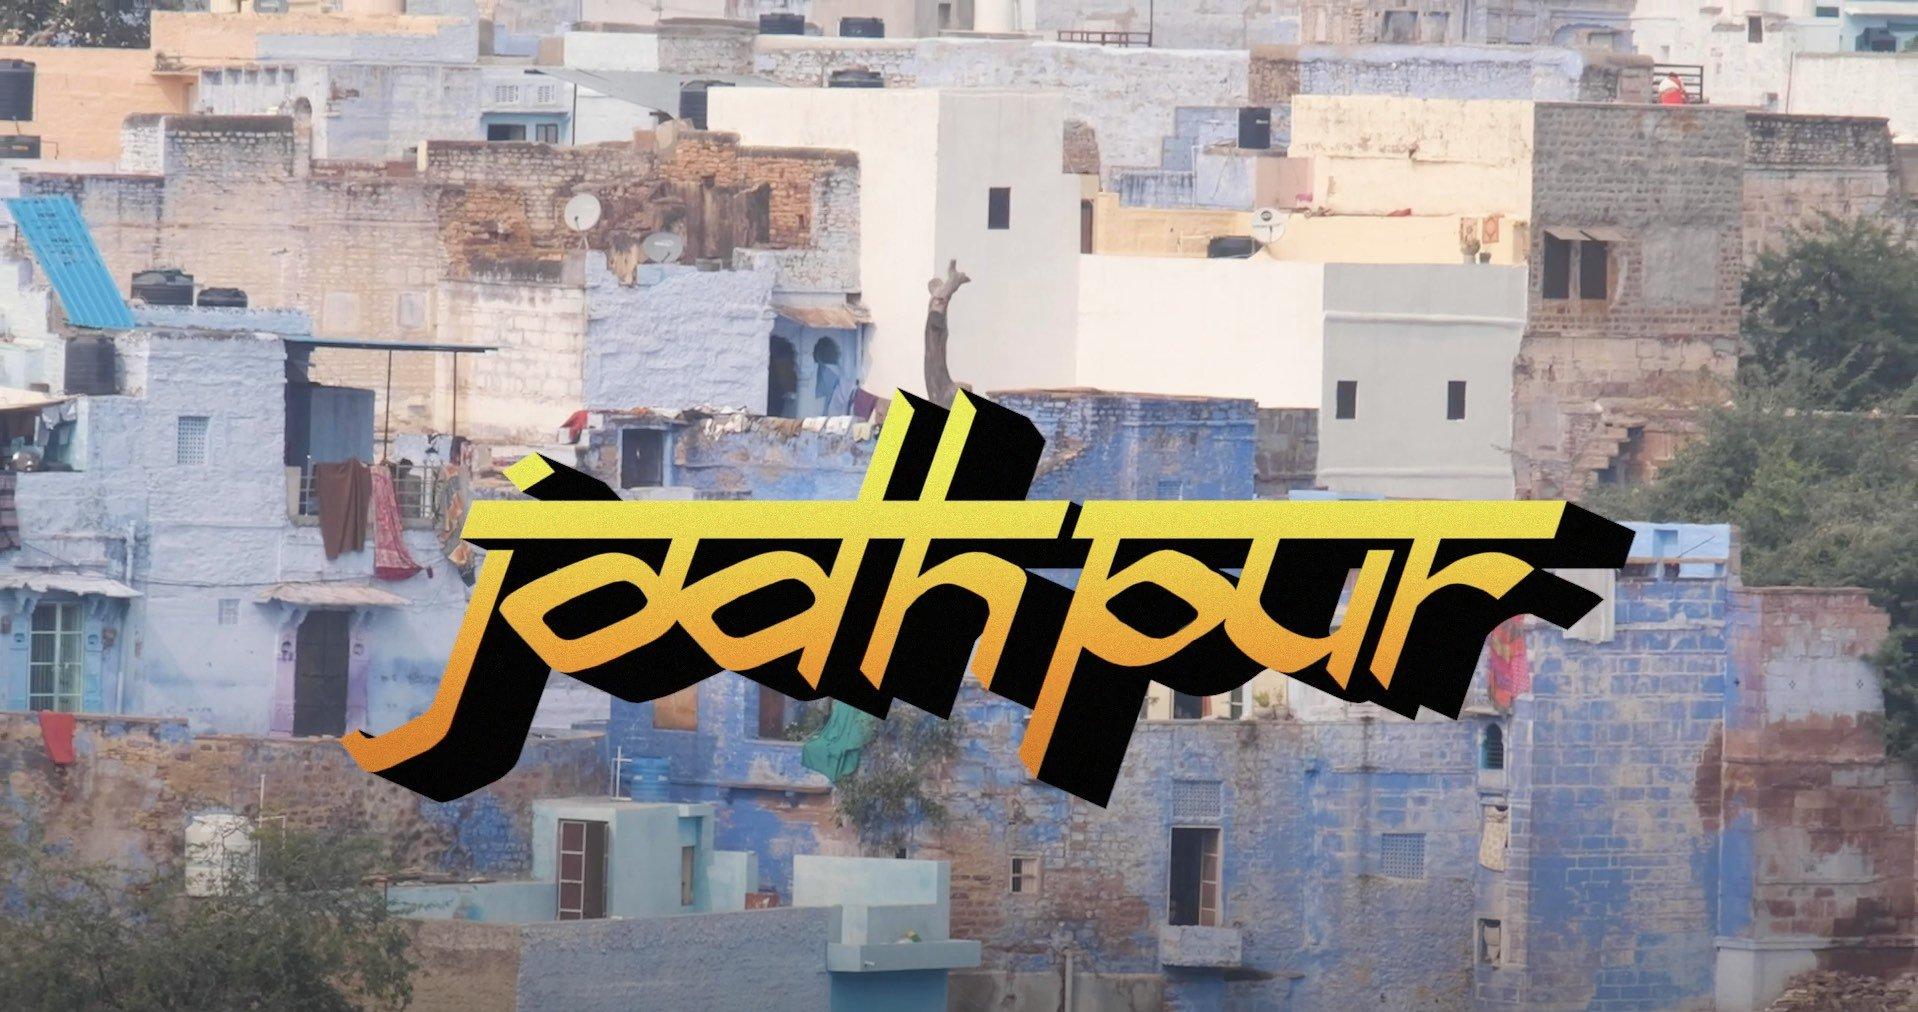 Jodhpur – Rajasthan, India